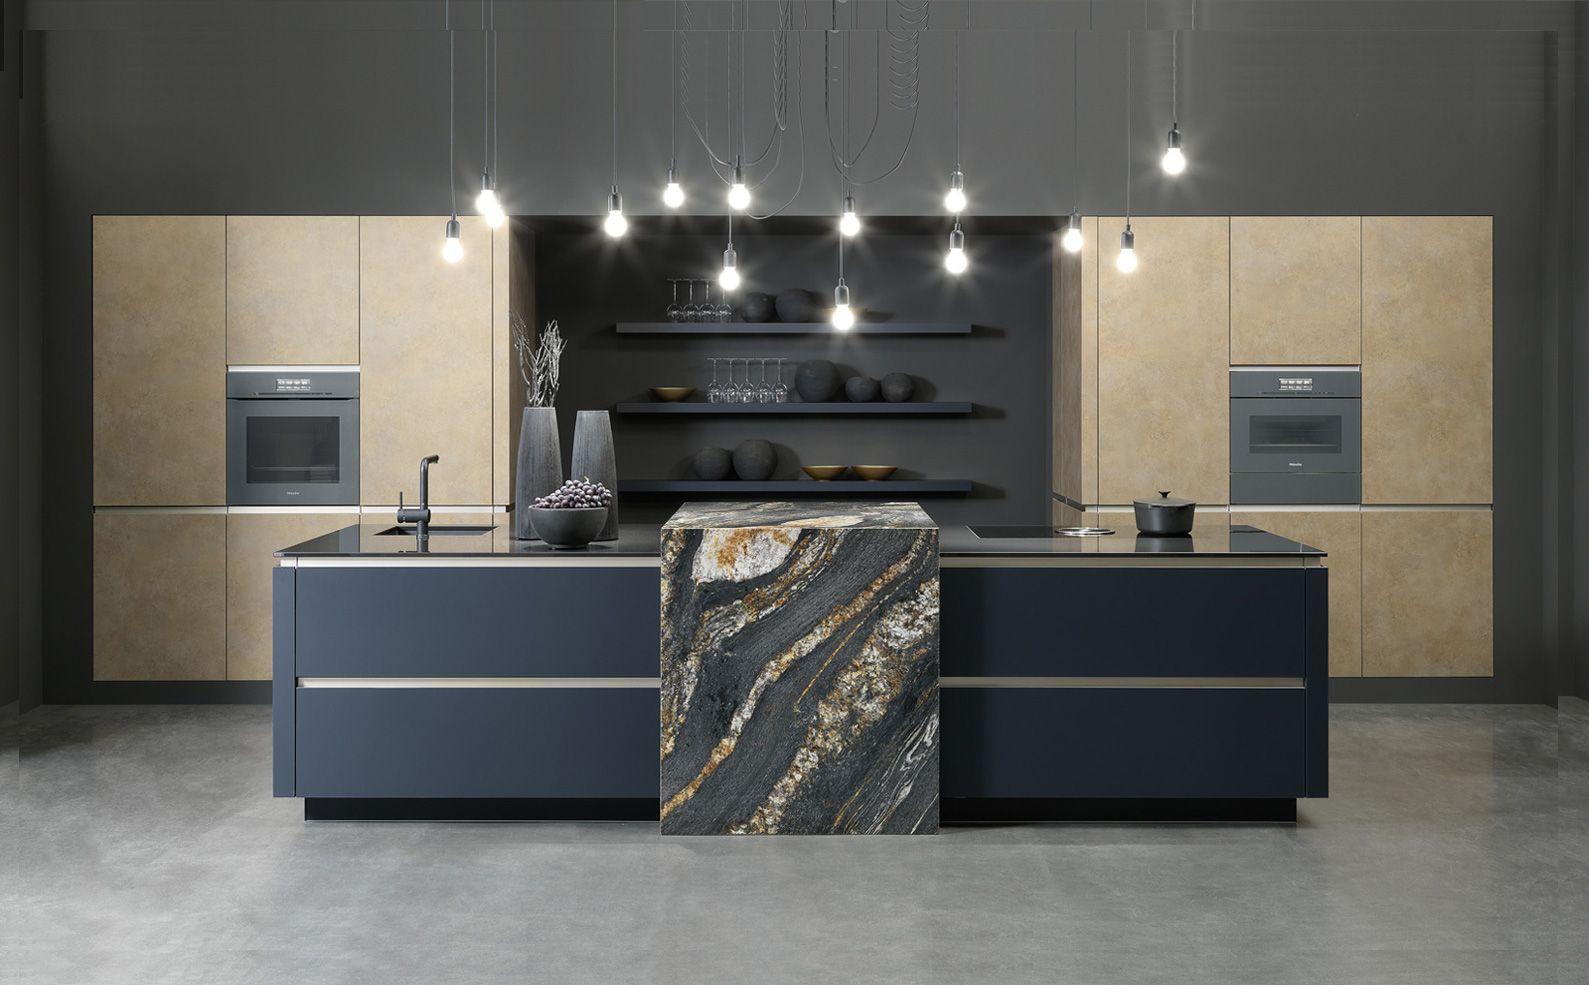 Rational küchen zubehör  rational Küchen mit ausgezeichneten Design, innovativer Technik und ...